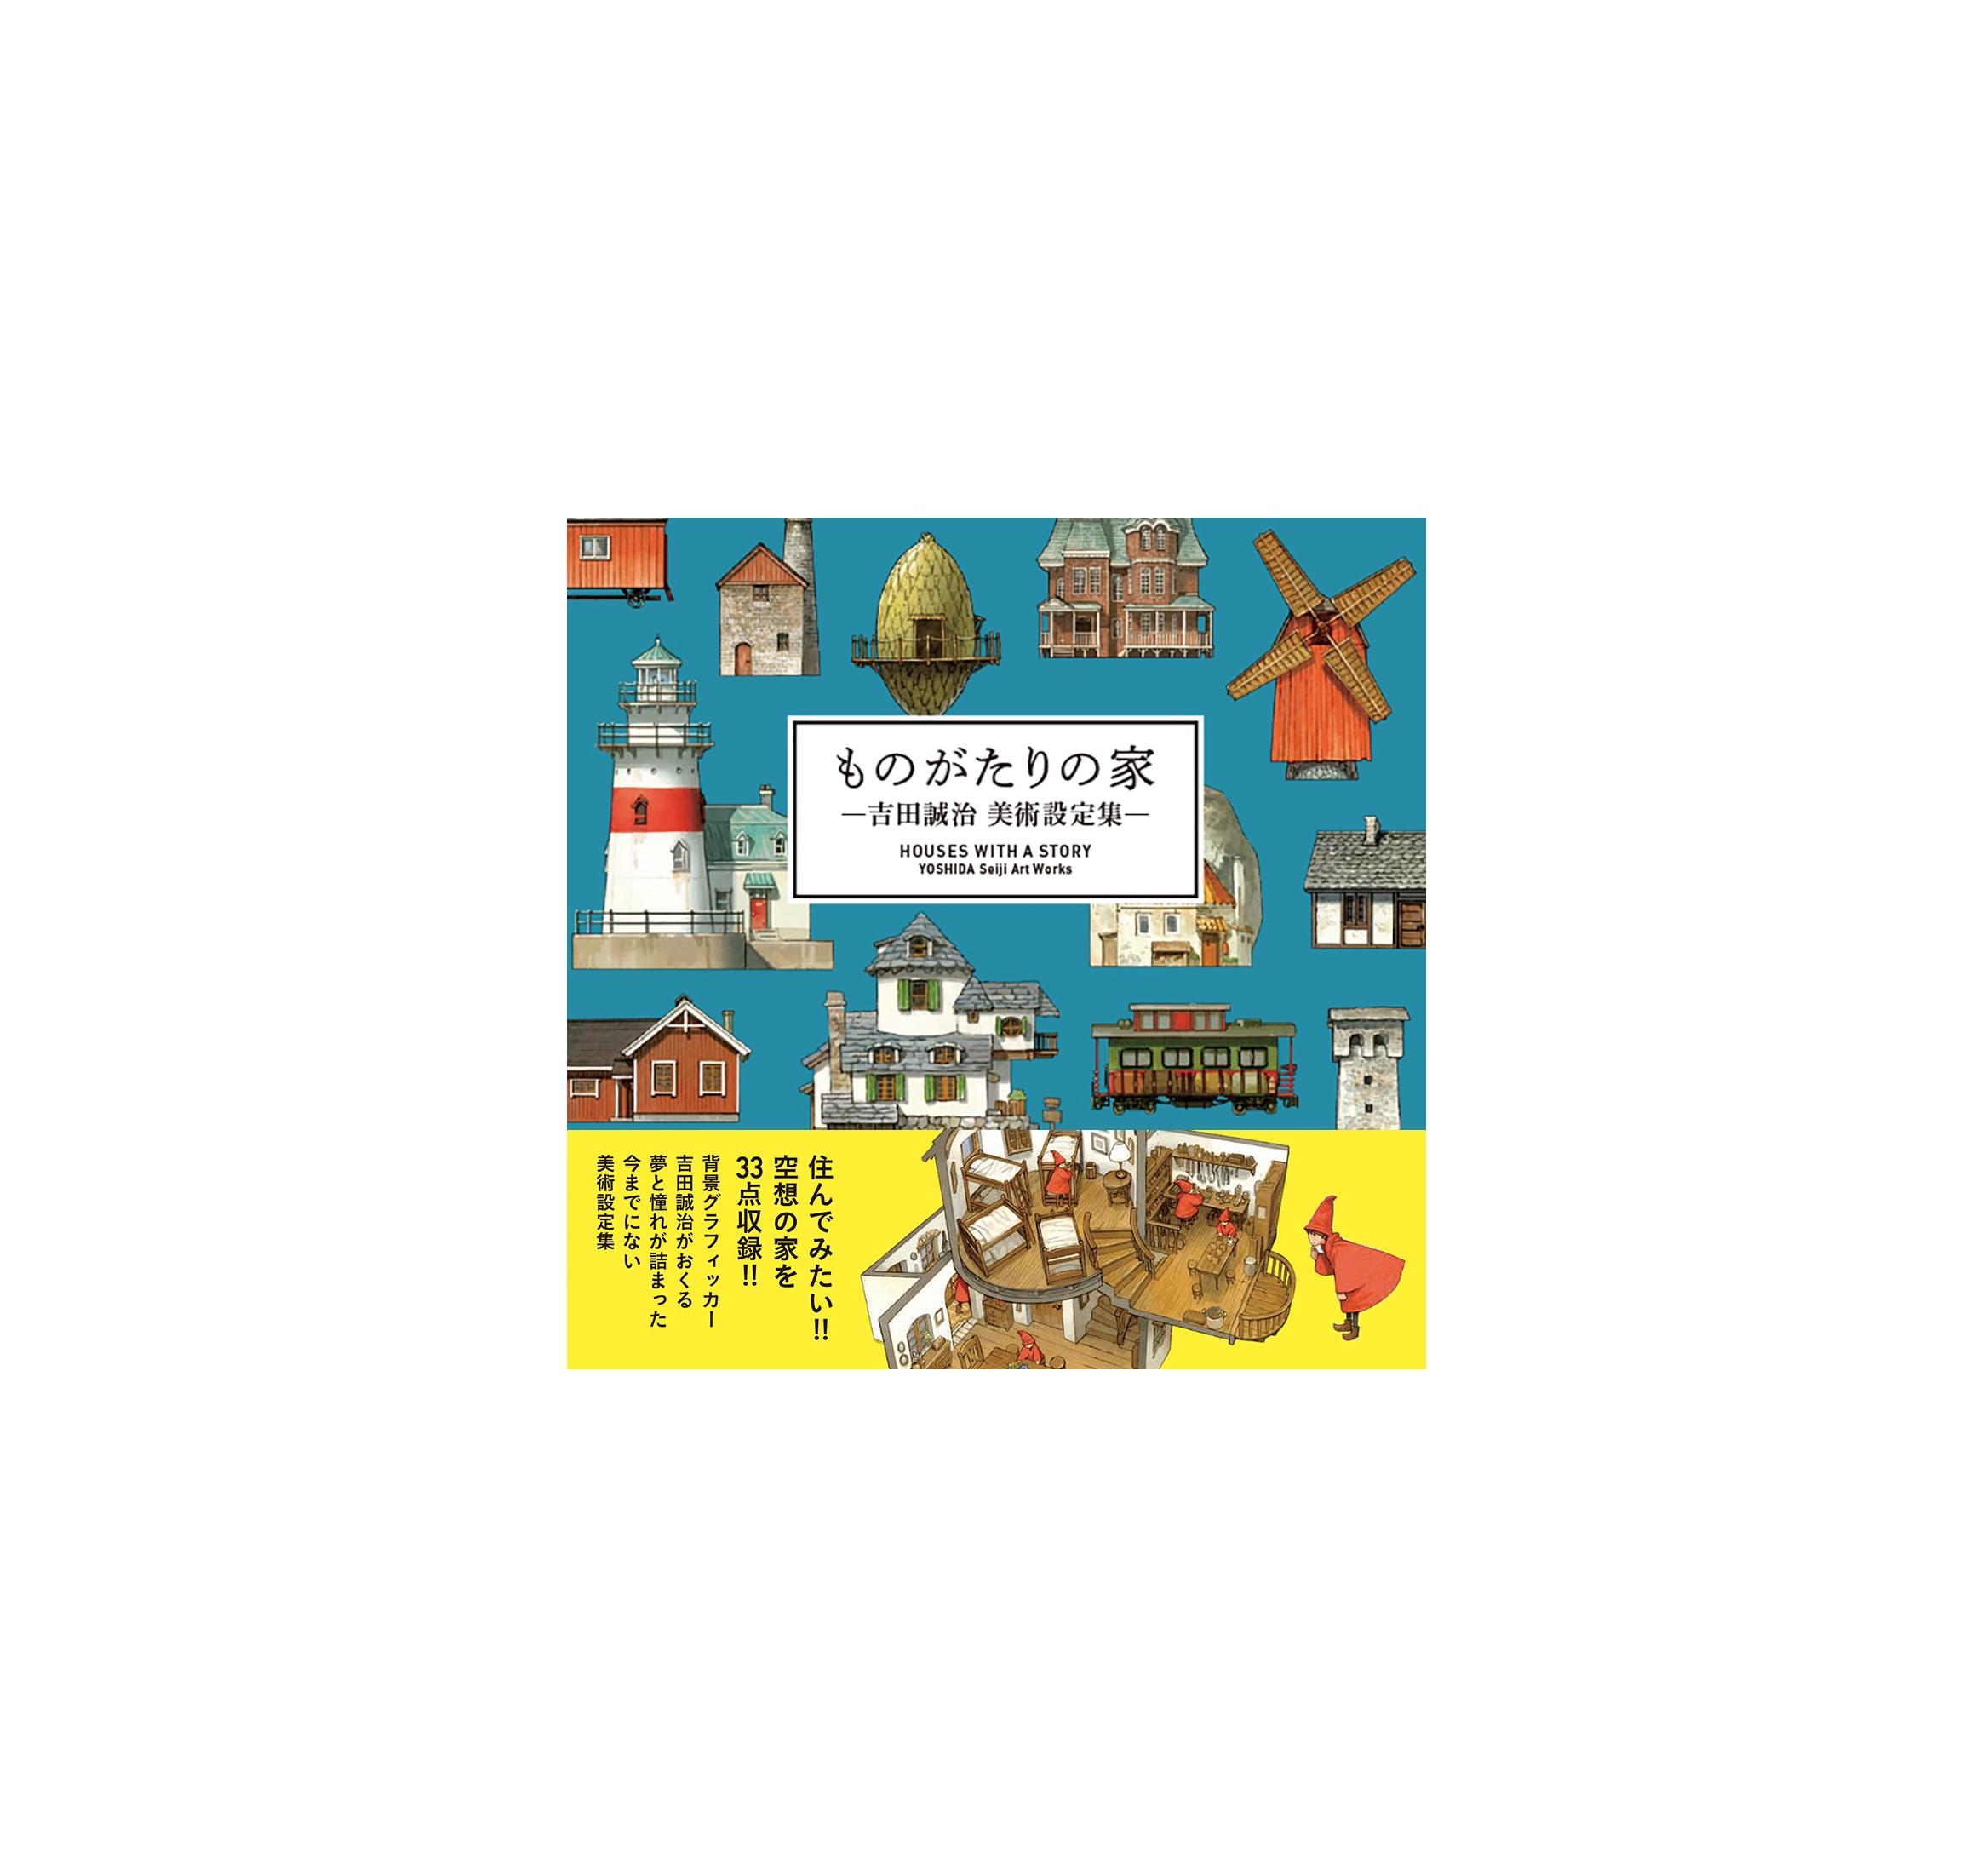 新刊『ものがたりの家-吉田誠治 美術設定集-』